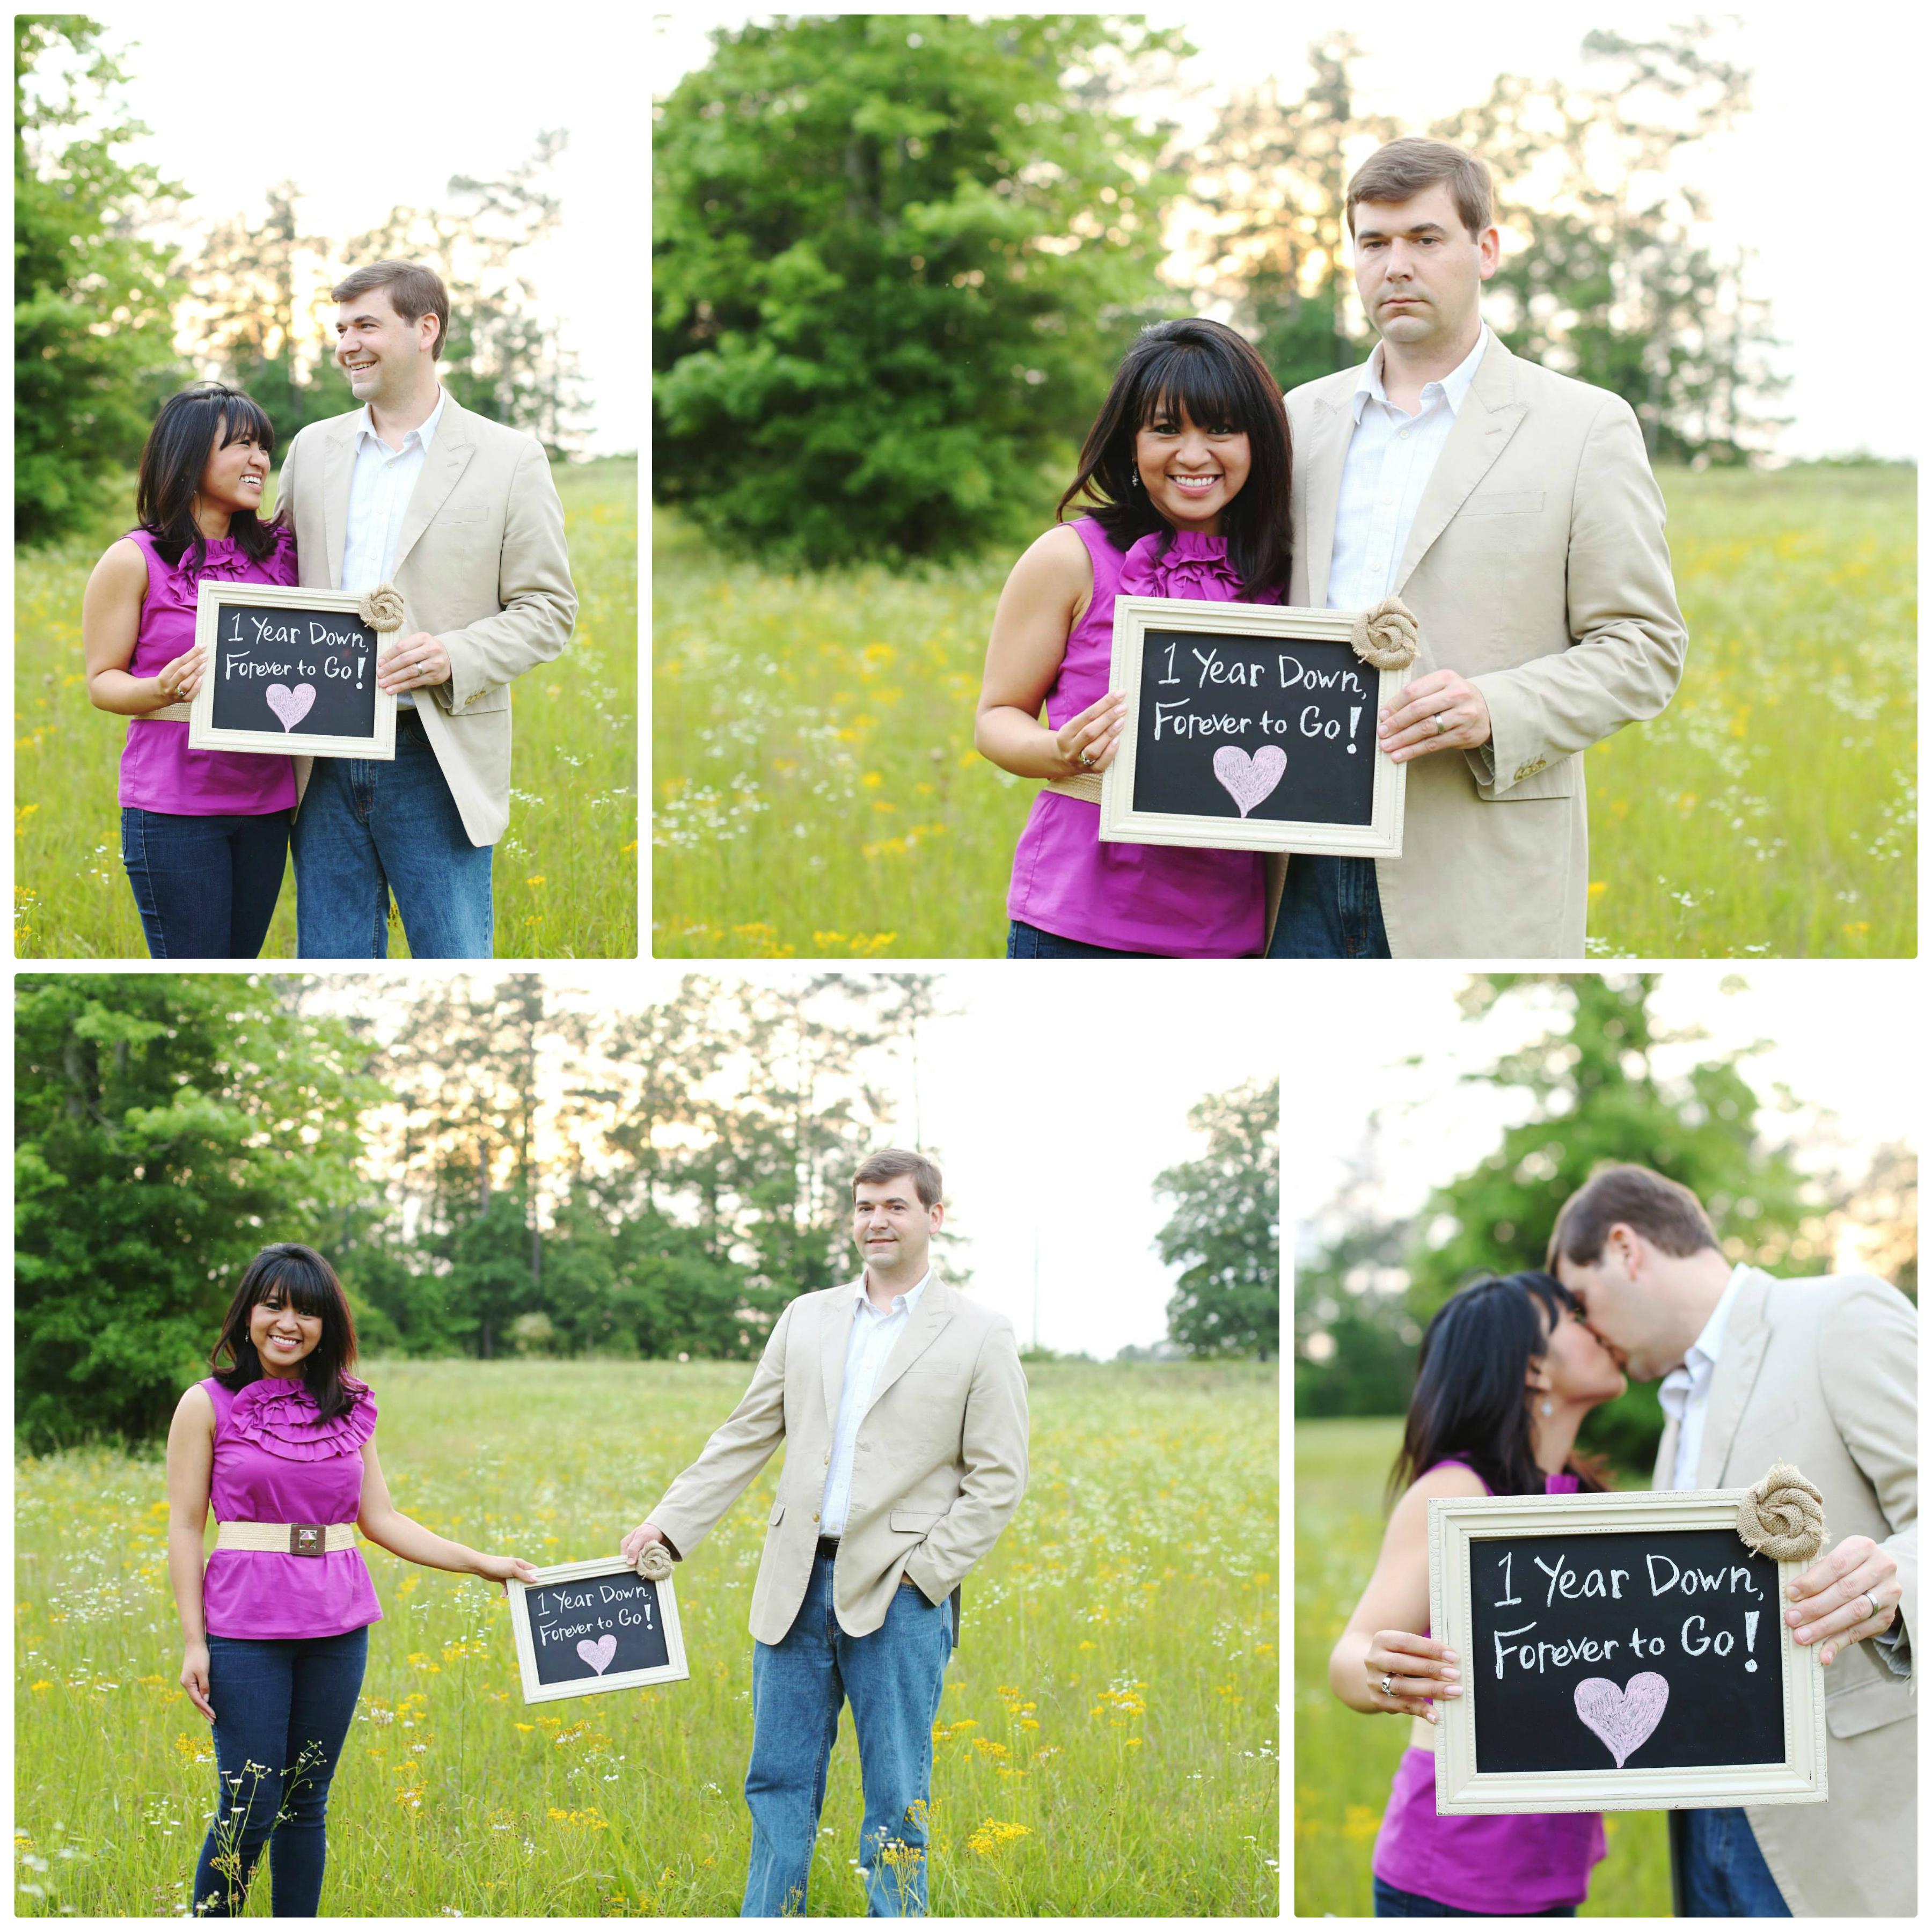 Открытки на годовщину отношений фото